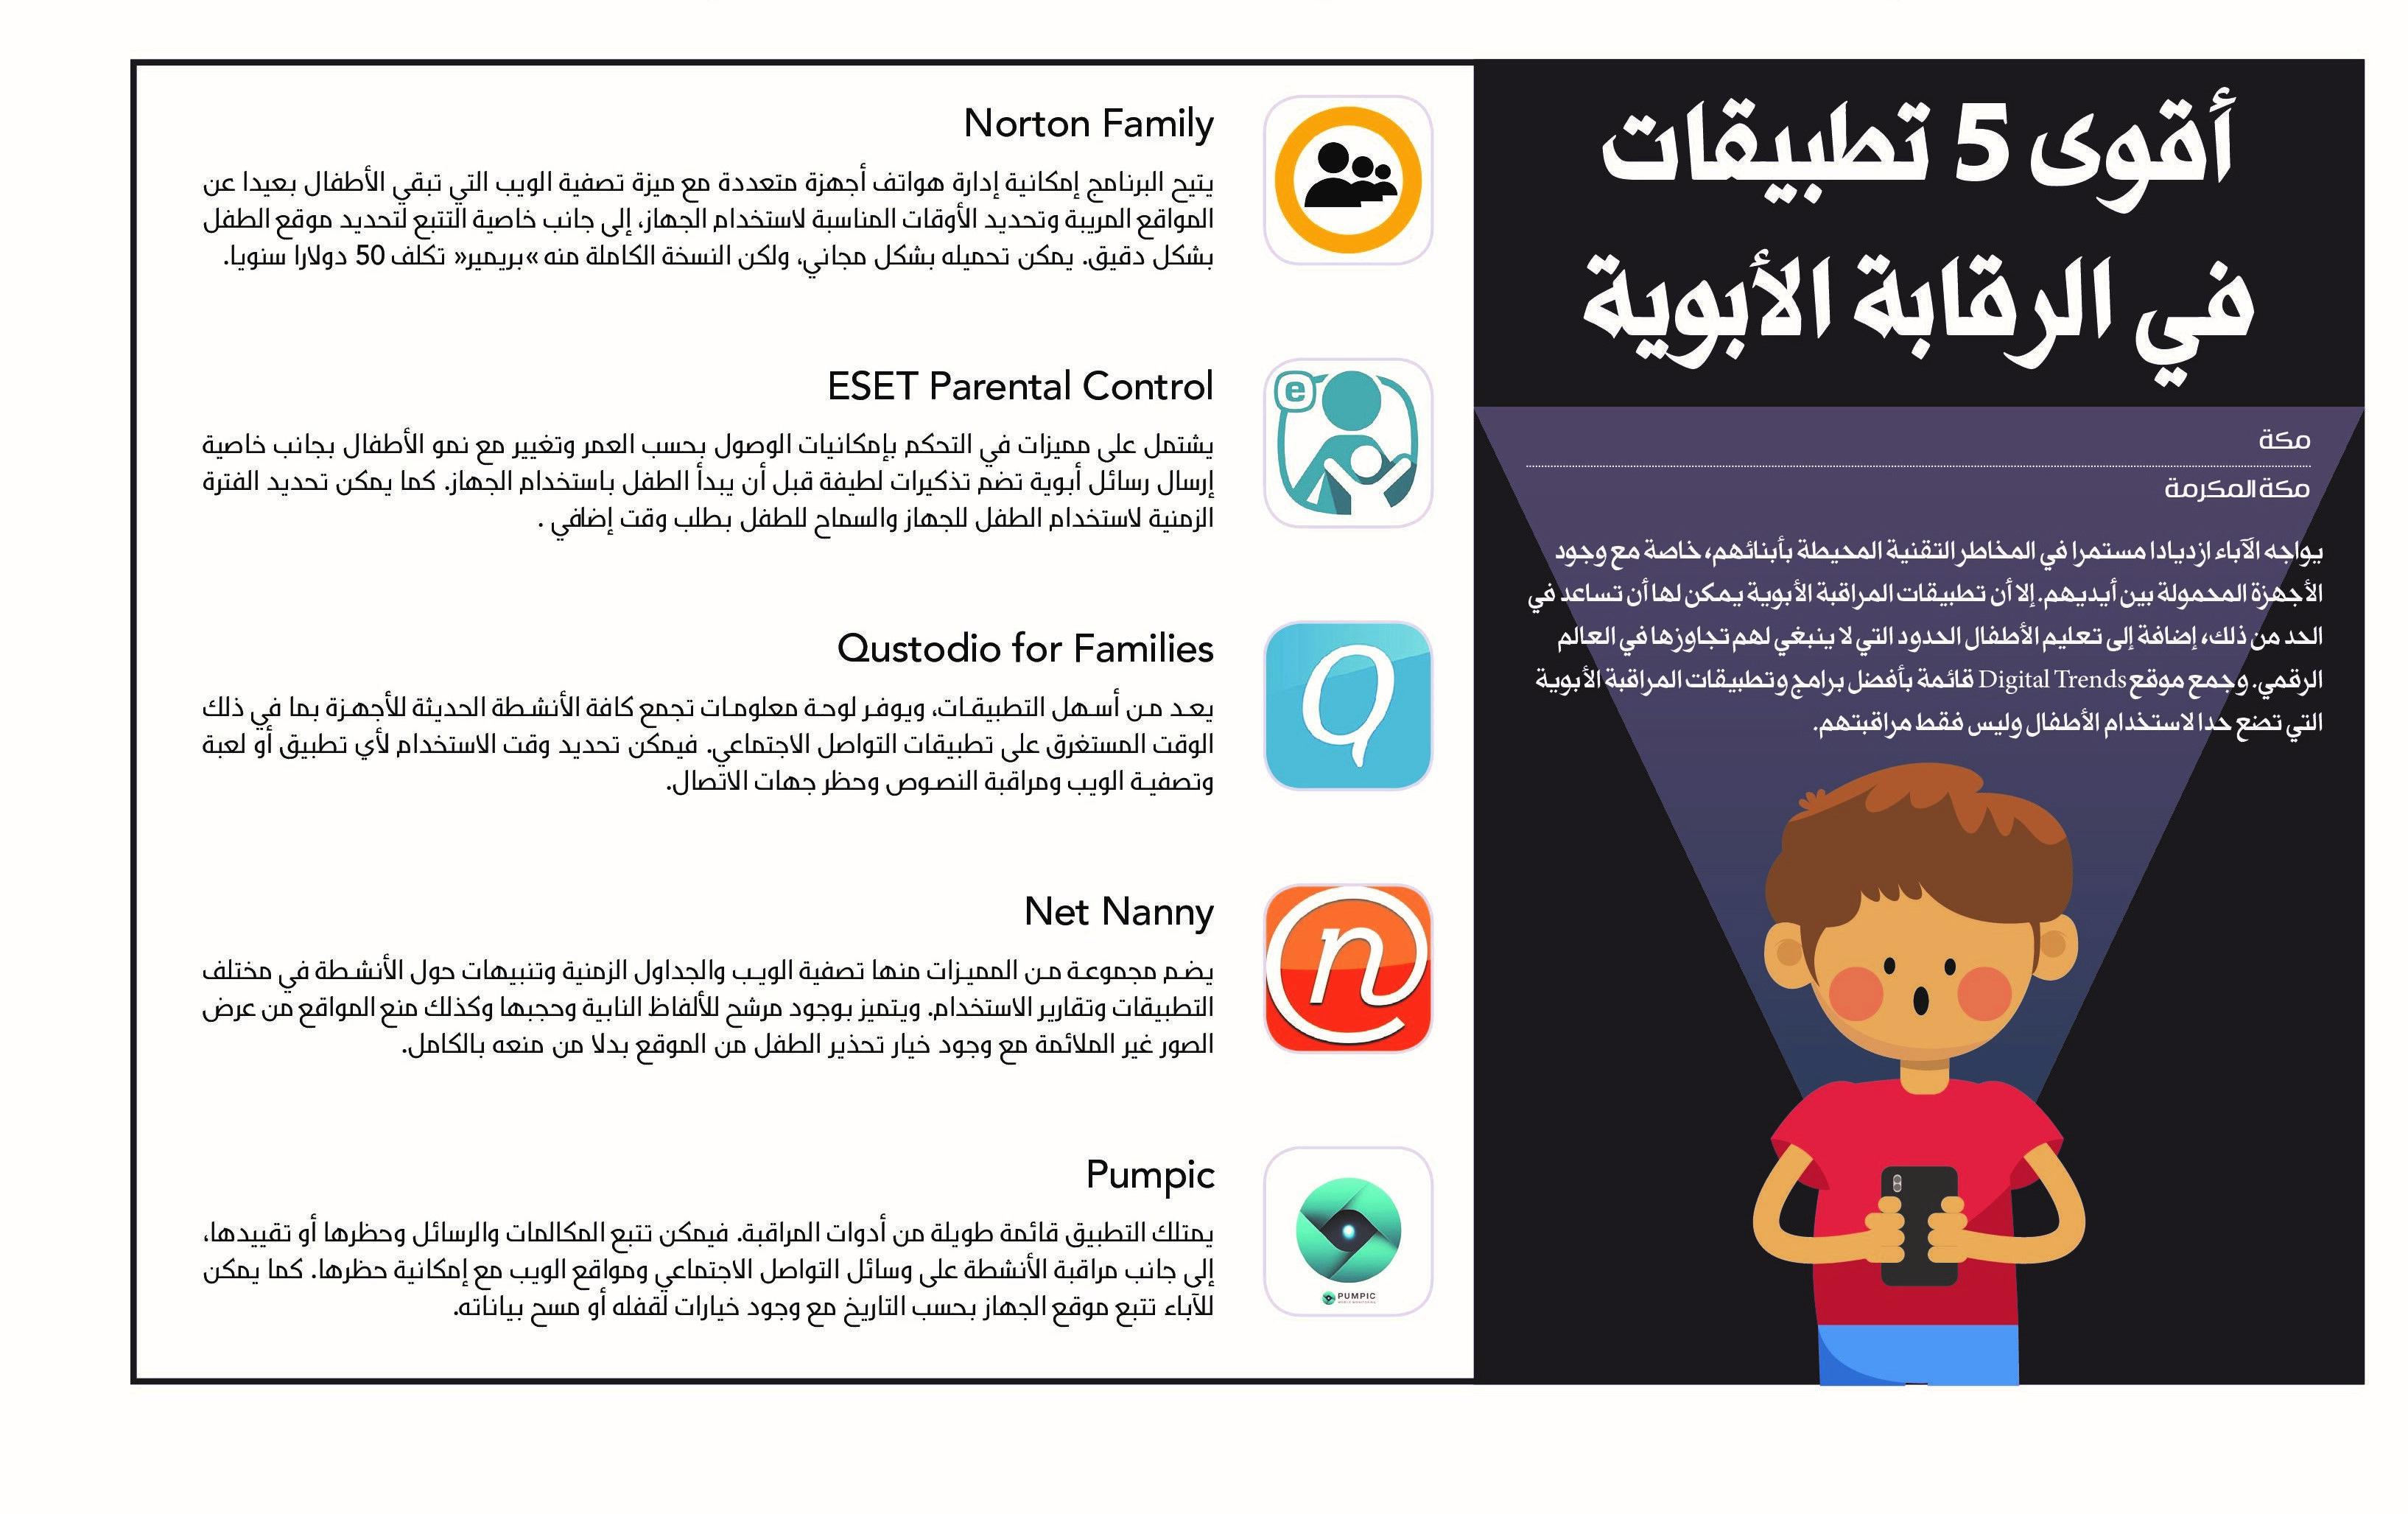 أقوى 5 تطبيقات في الرقابة الأبوية صحيفة مكة صحيفة مكة انفوجرافيك سينما Parental Control Parenting Infographic